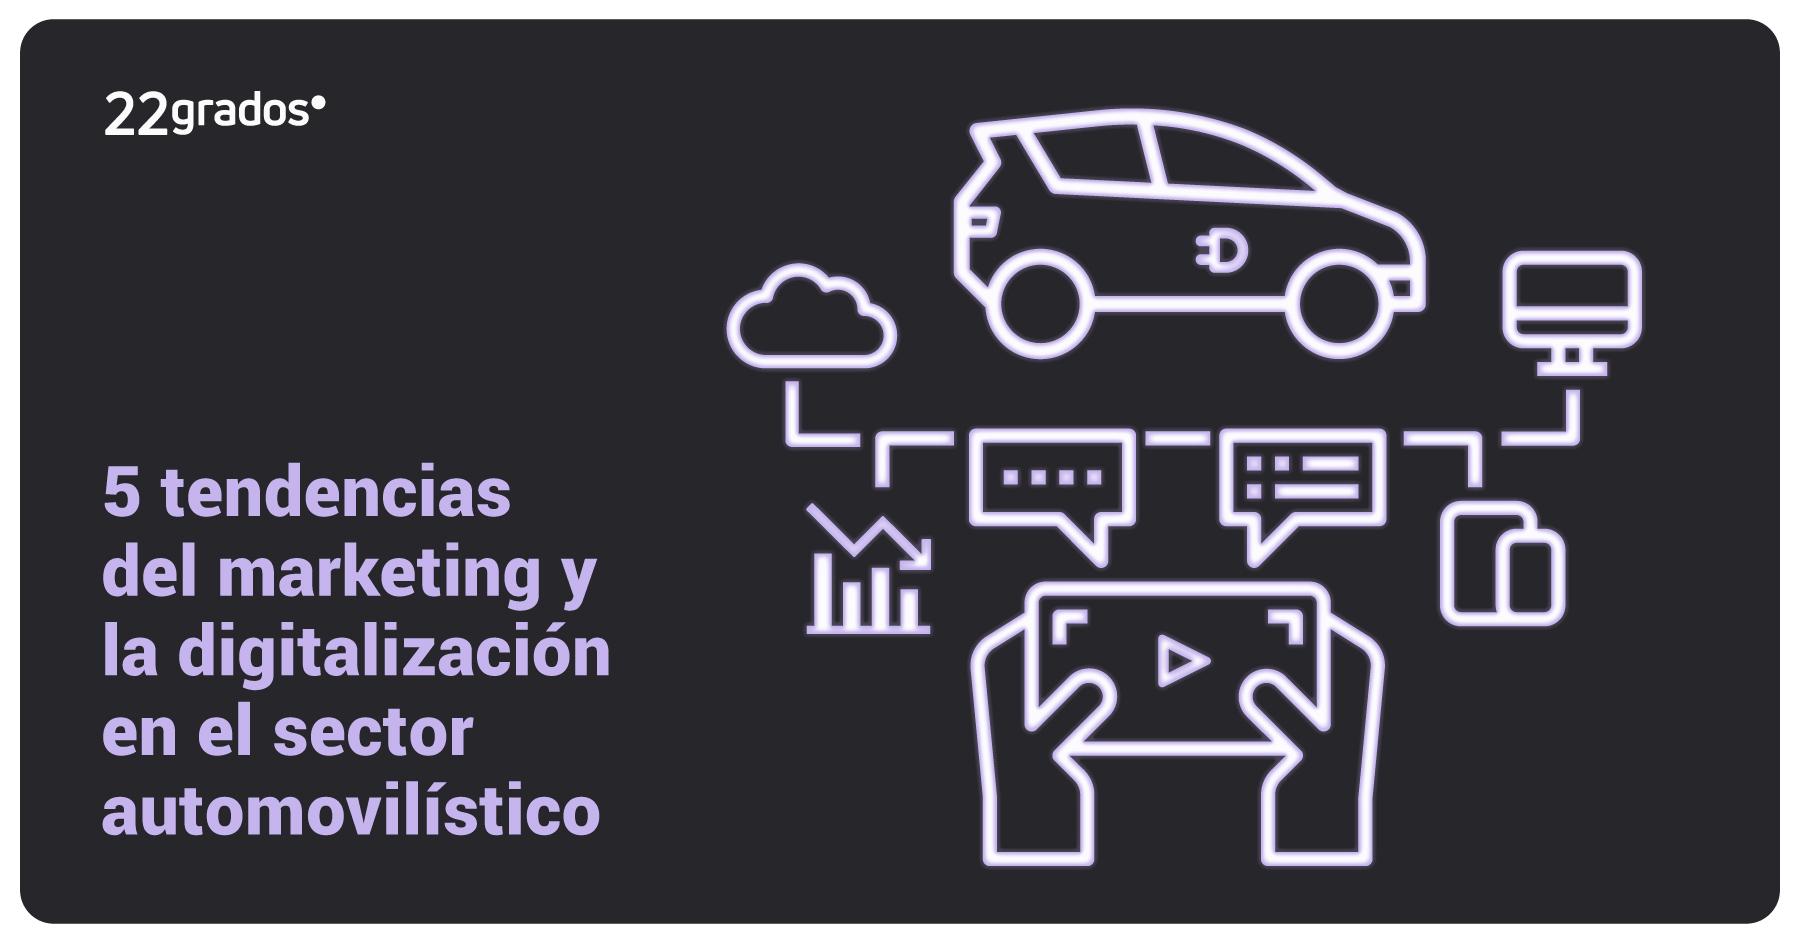 Las 5 tendencias del marketing y la digitalización en el sector automovilístico